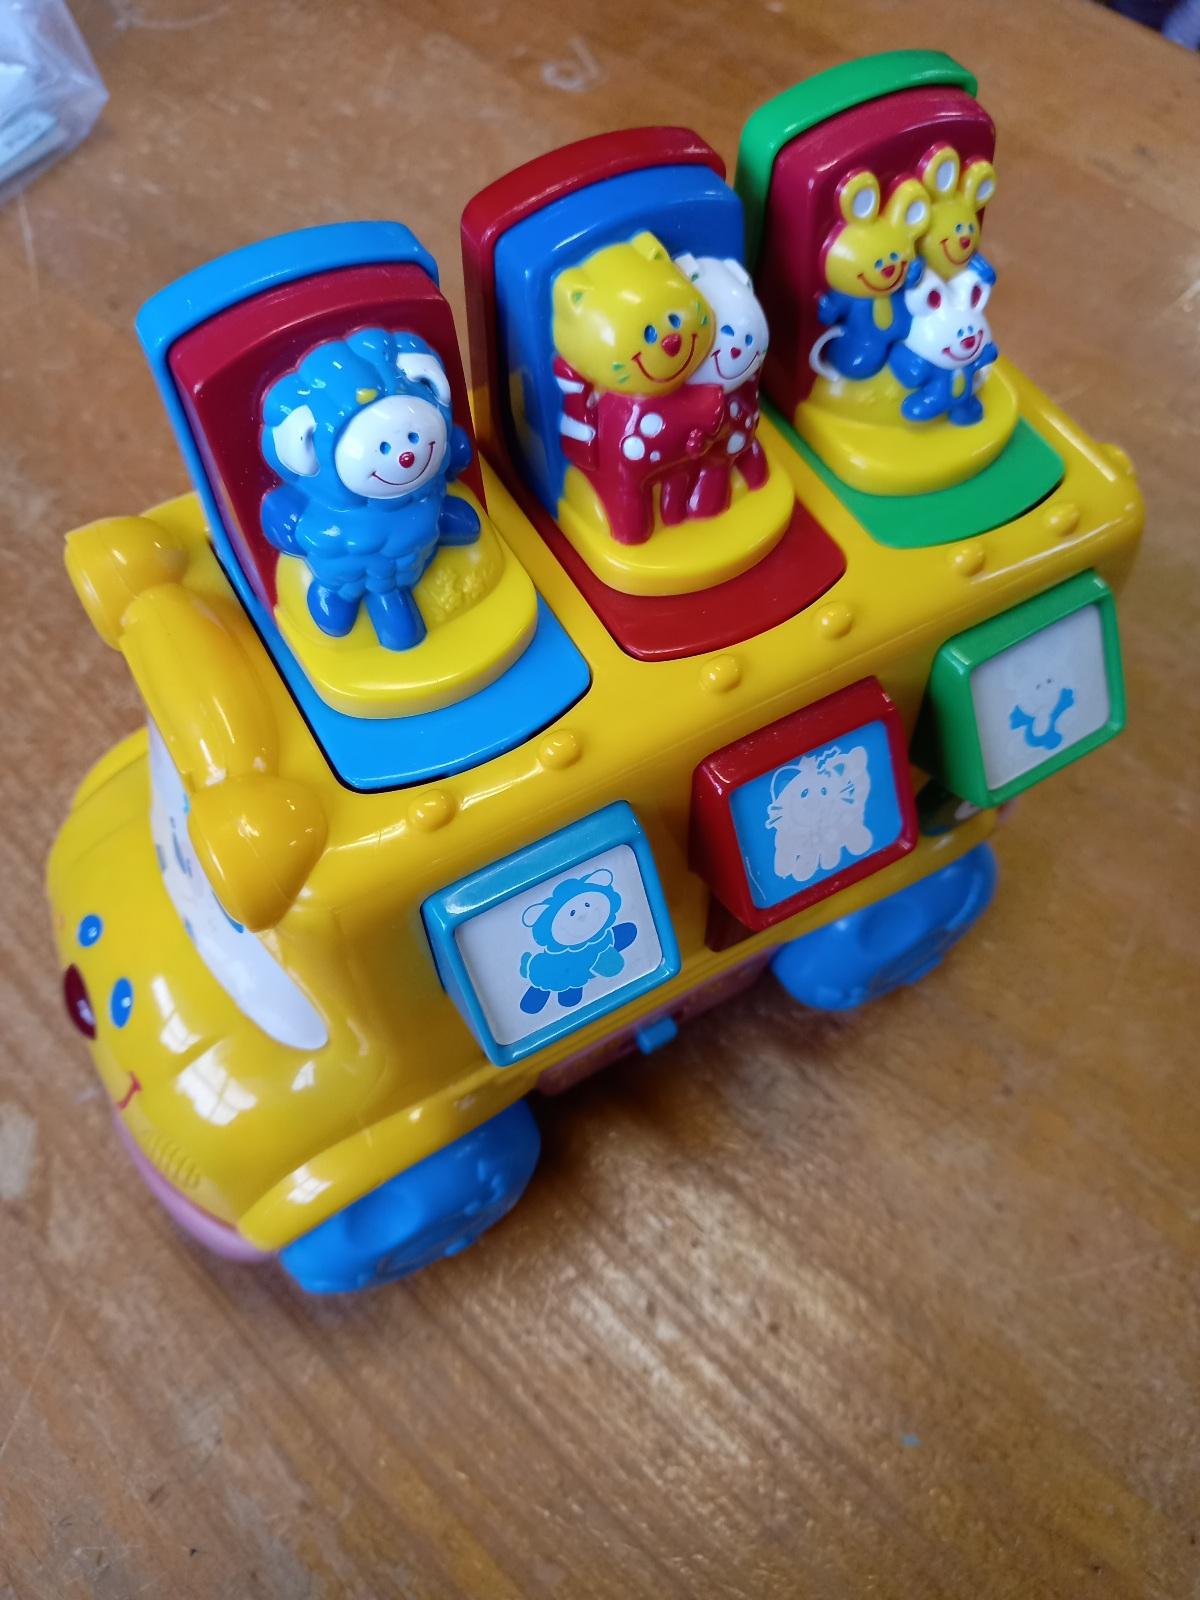 Musical nursery rhyme pop-up bus